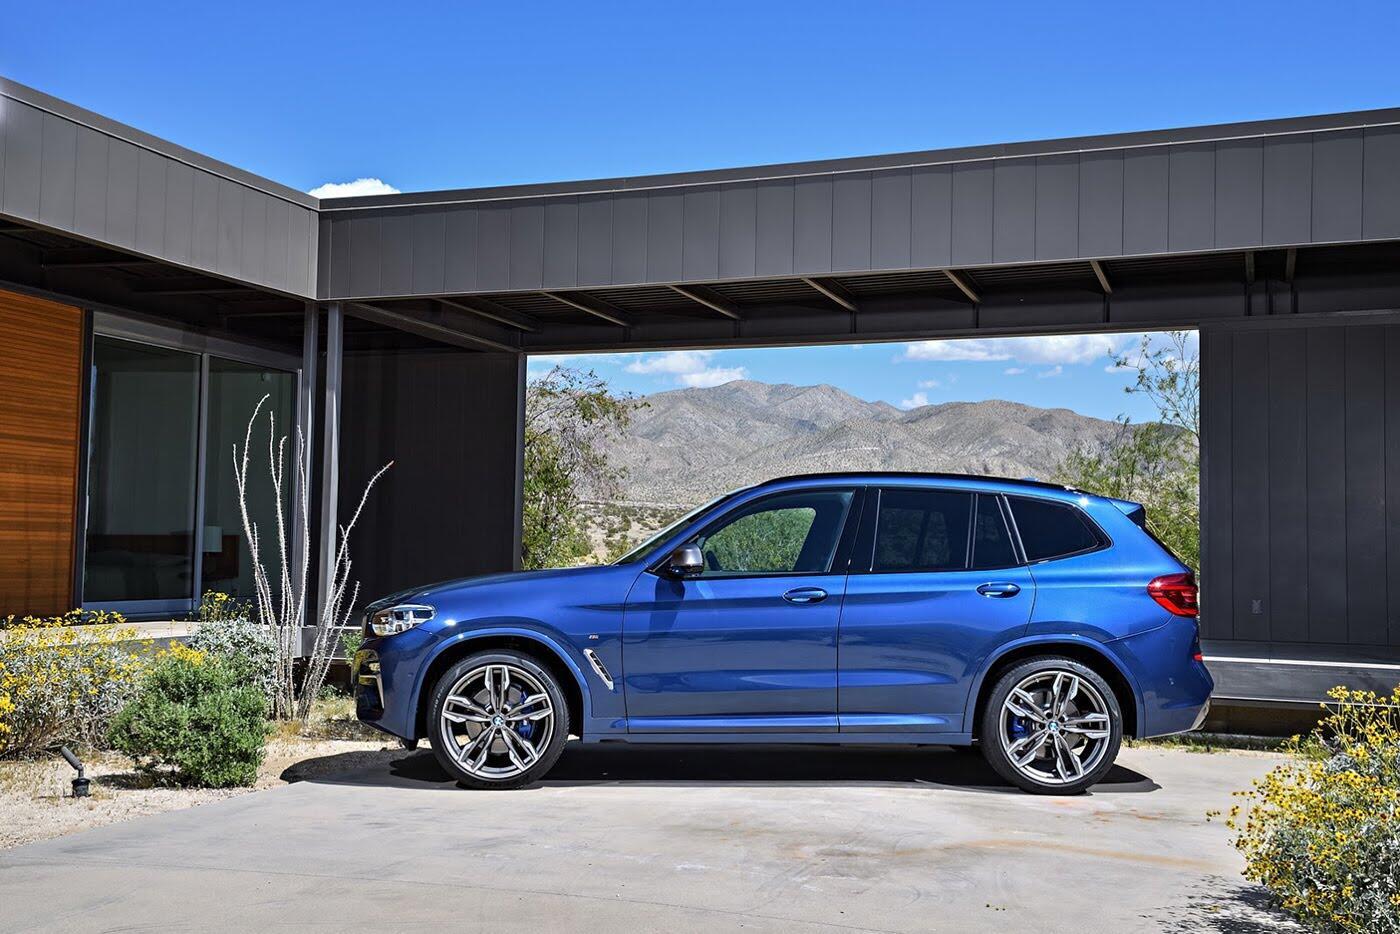 Ảnh chi tiết BMW X3 2018 hoàn toàn mới - Hình 6